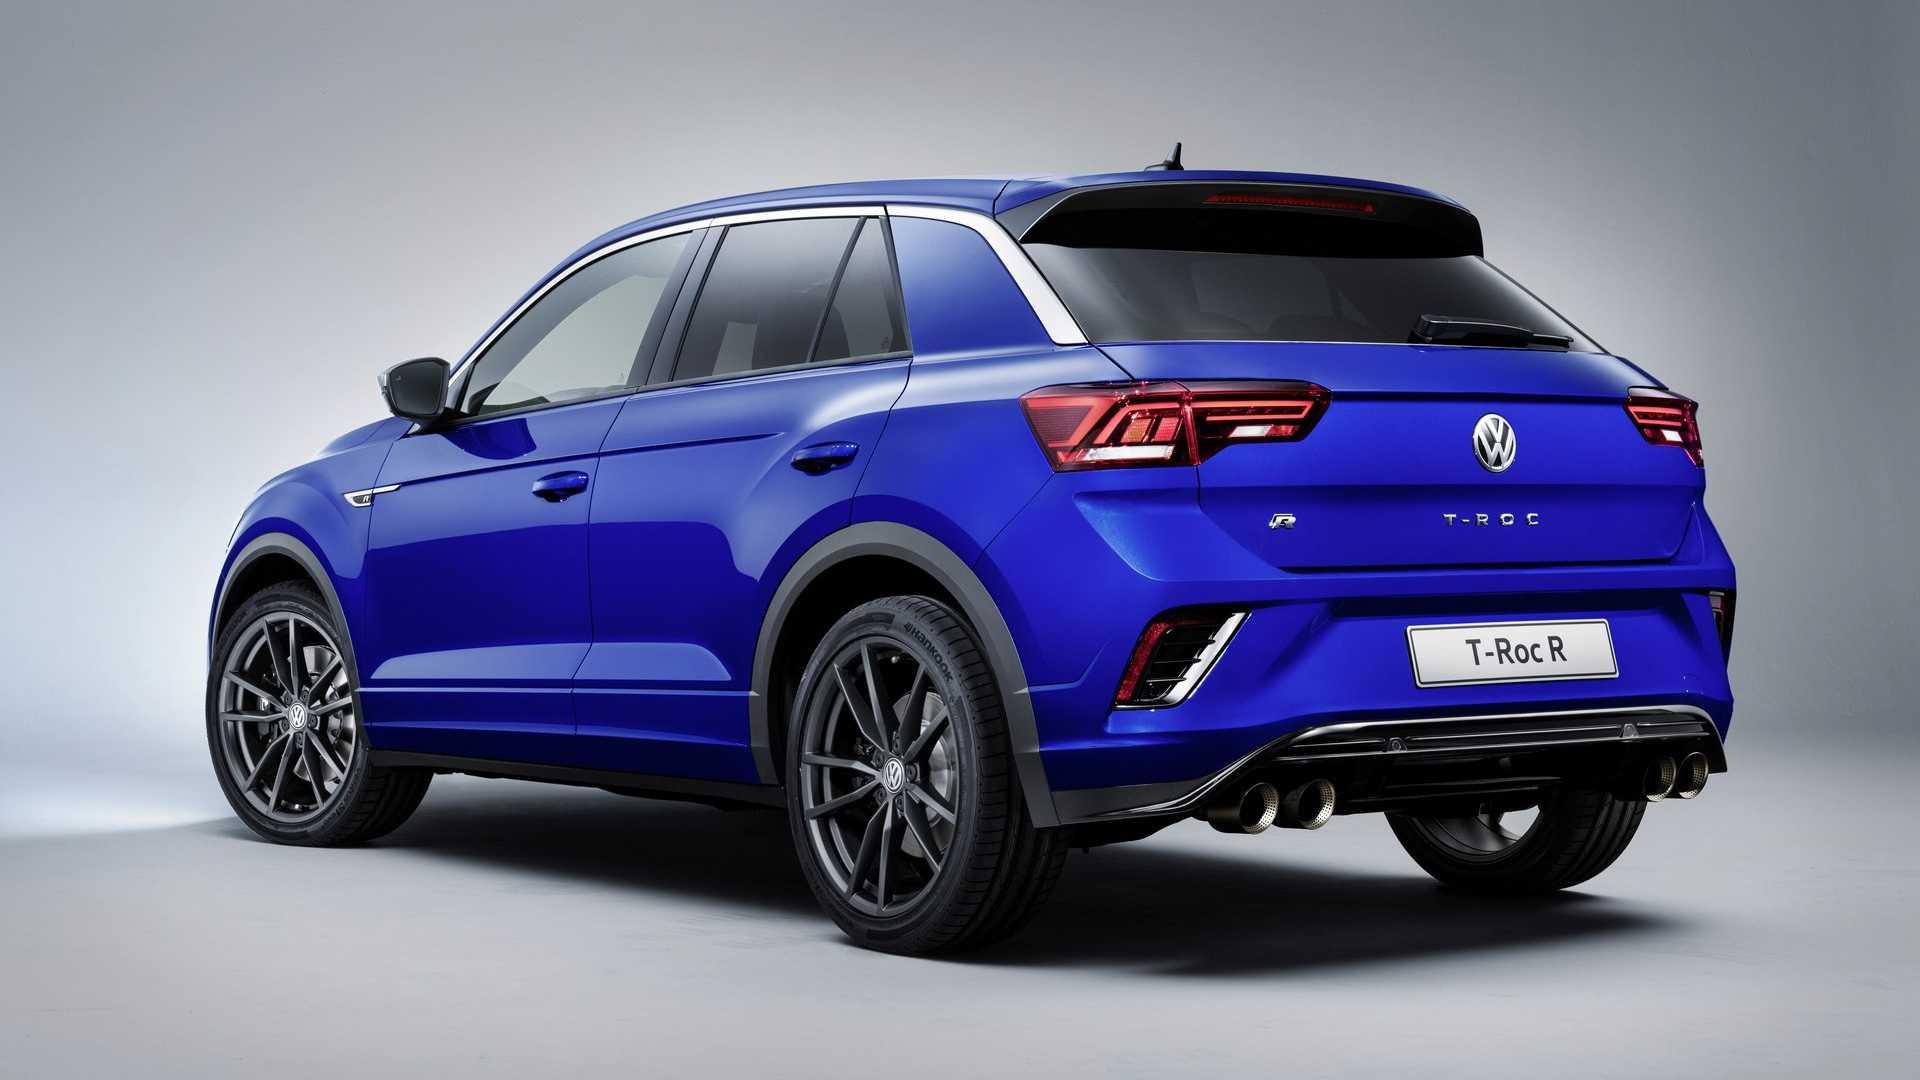 VW планирует представить «заряженный» гибридный кроссовер T-Roc GTE